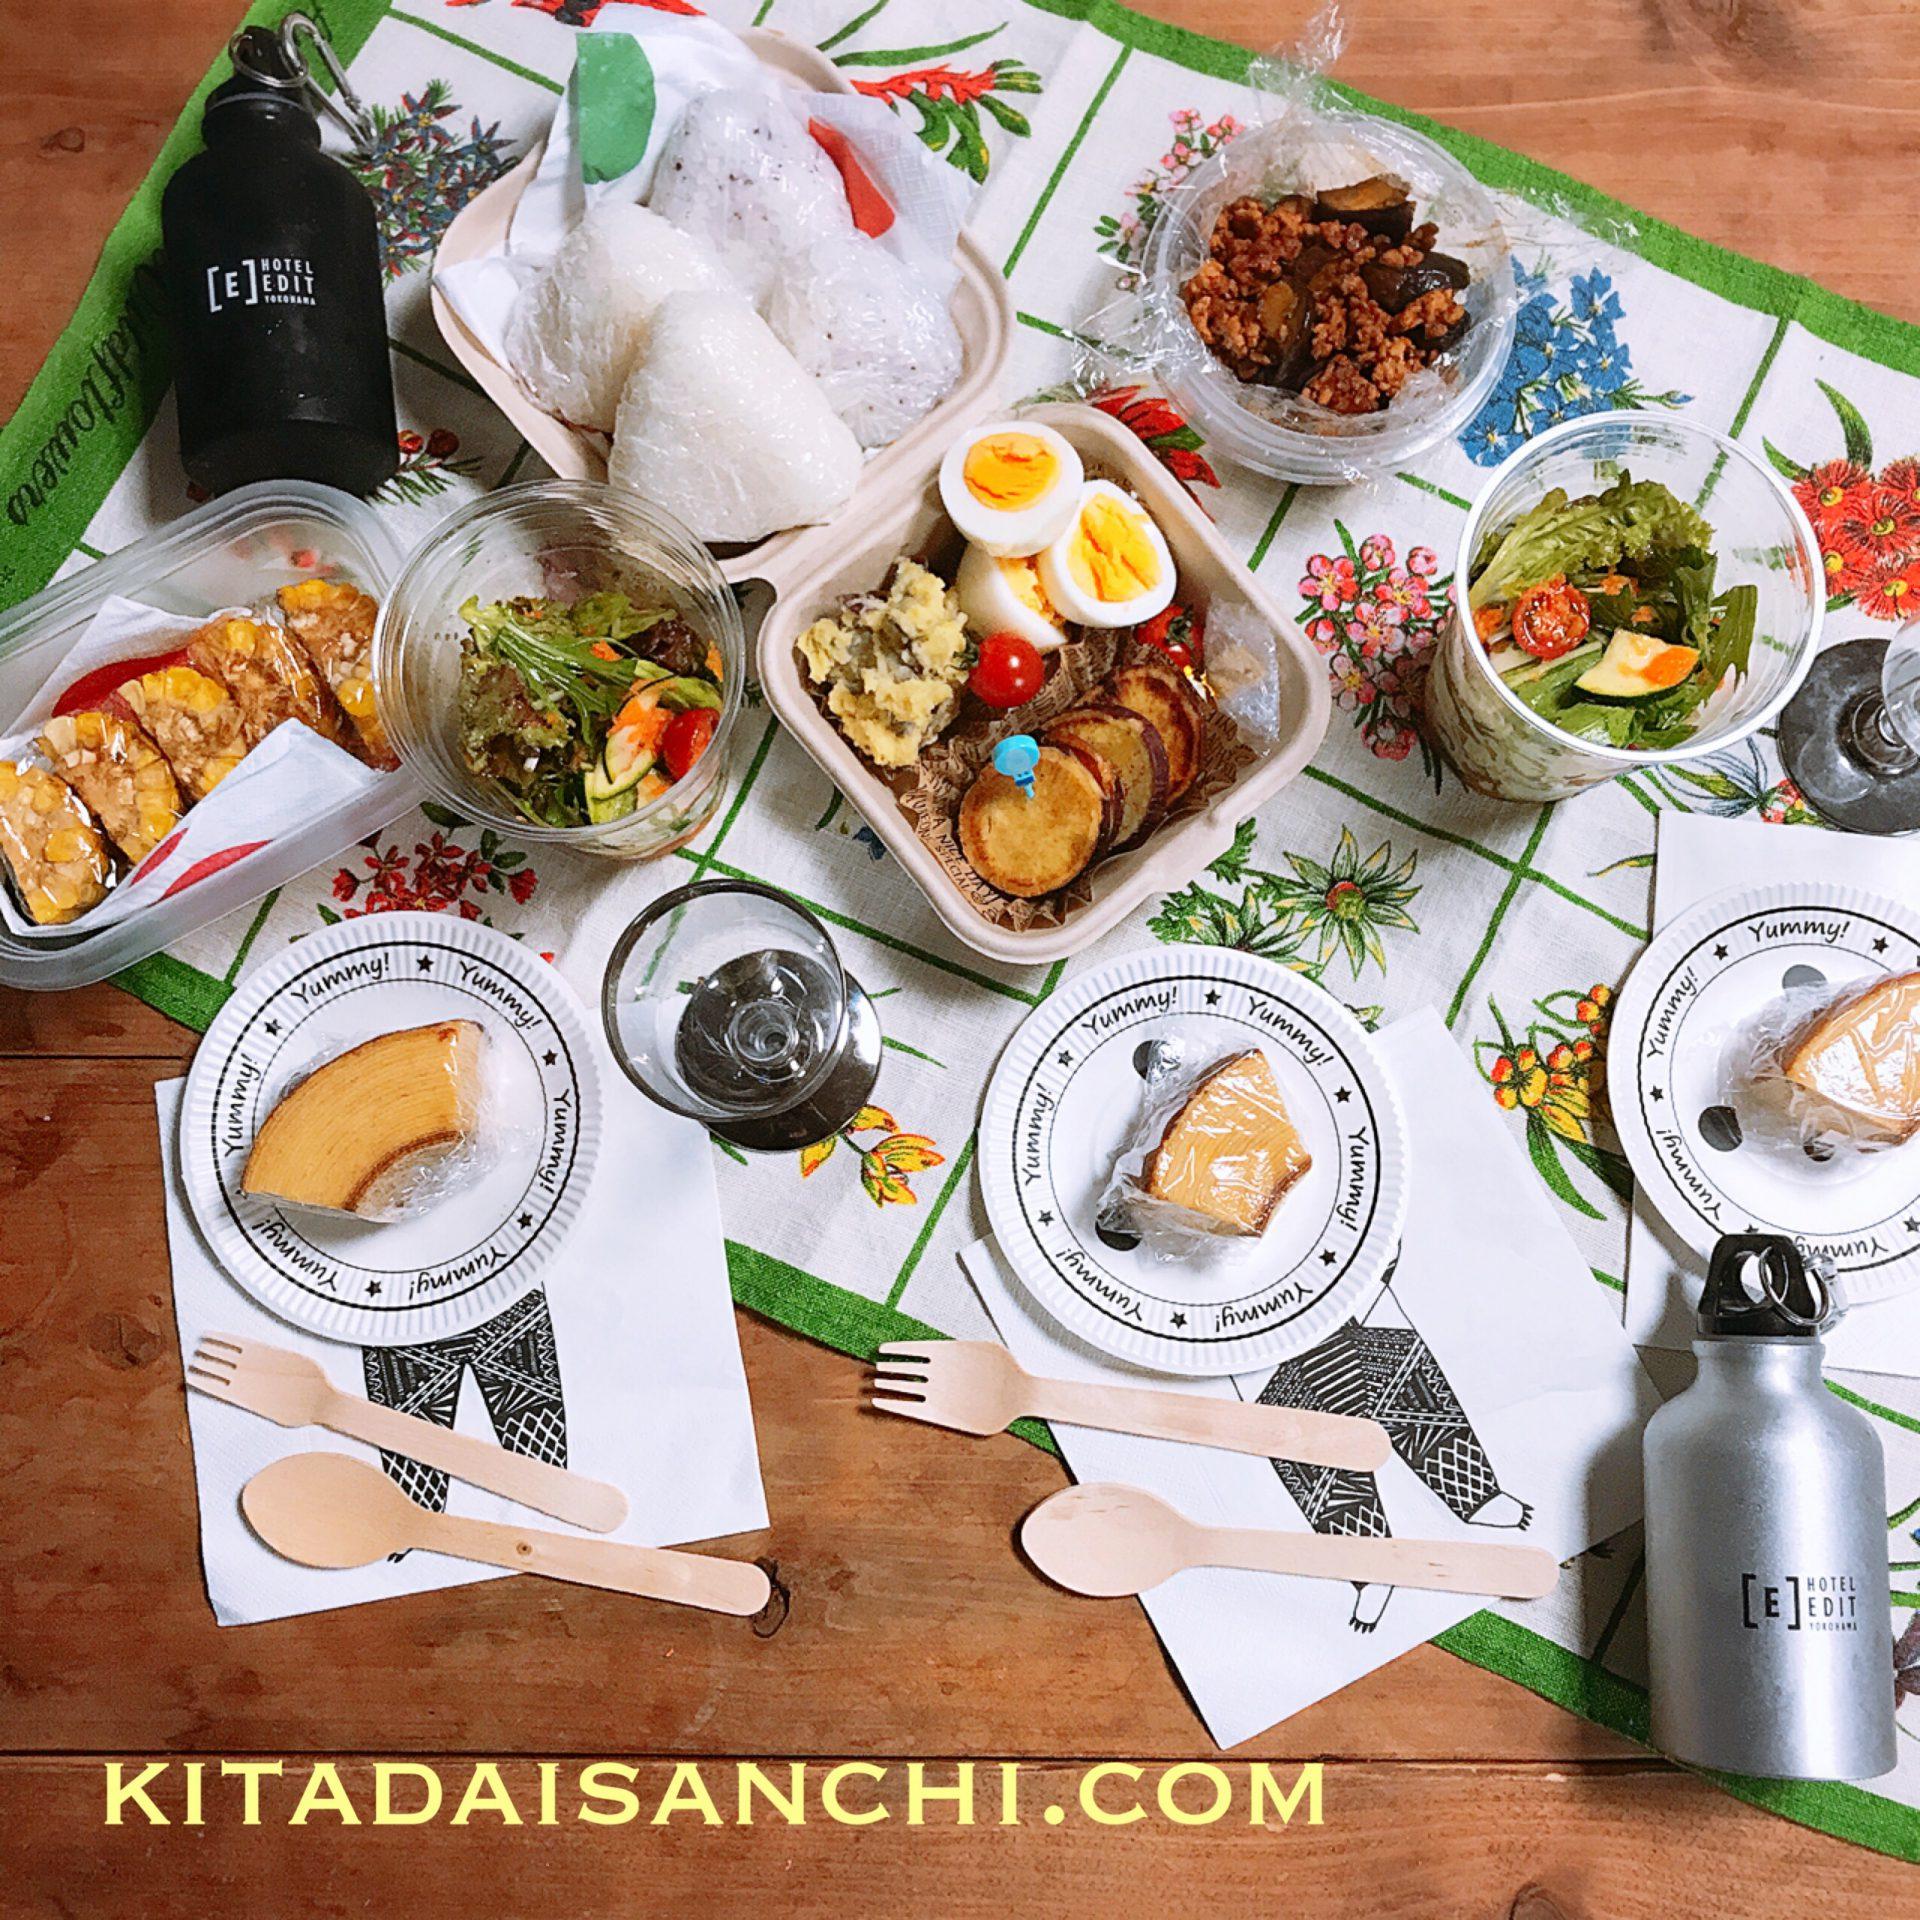 いつもの晩ご飯が特別な晩ご飯に!kitadaisanchi の 夜のピクニック♪